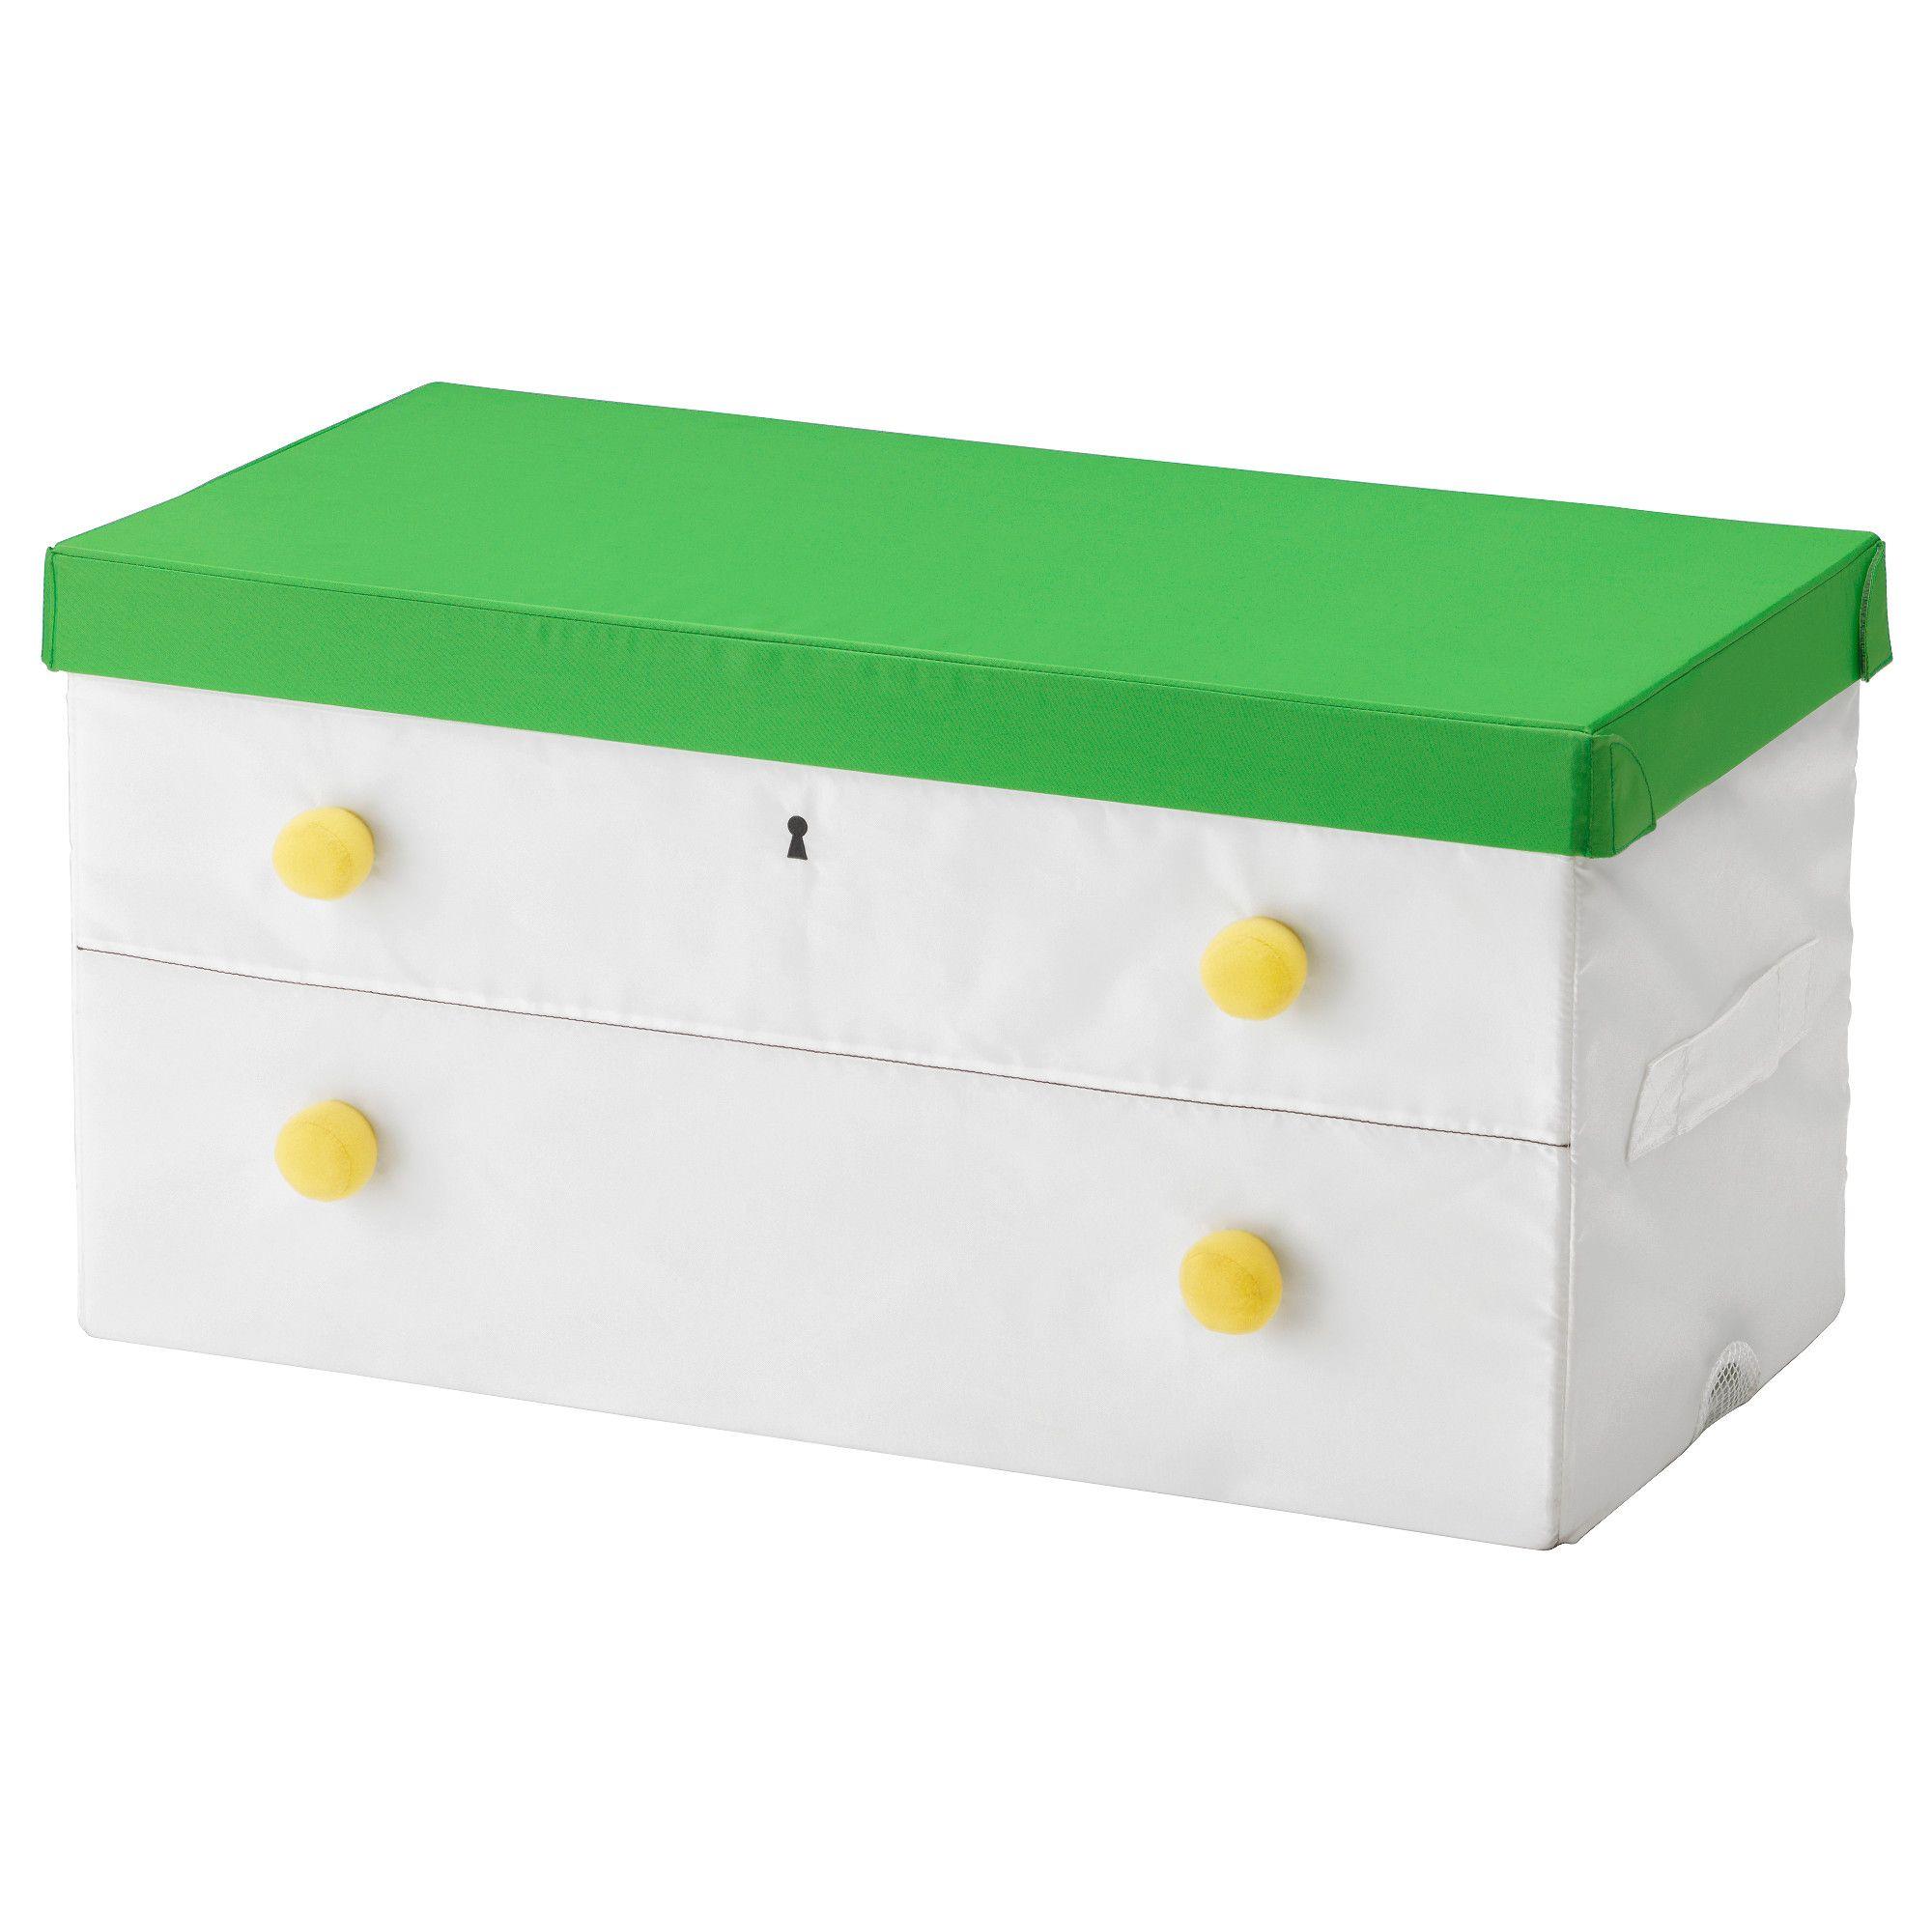 Full Size of Aufbewahrungsbox Mit Deckel Kinderzimmer Flyttbar Kasten Grn Betten Schubladen Mitarbeitergespräche Führen Bett Matratze Und Lattenrost 140x200 Günstige Kinderzimmer Aufbewahrungsbox Mit Deckel Kinderzimmer